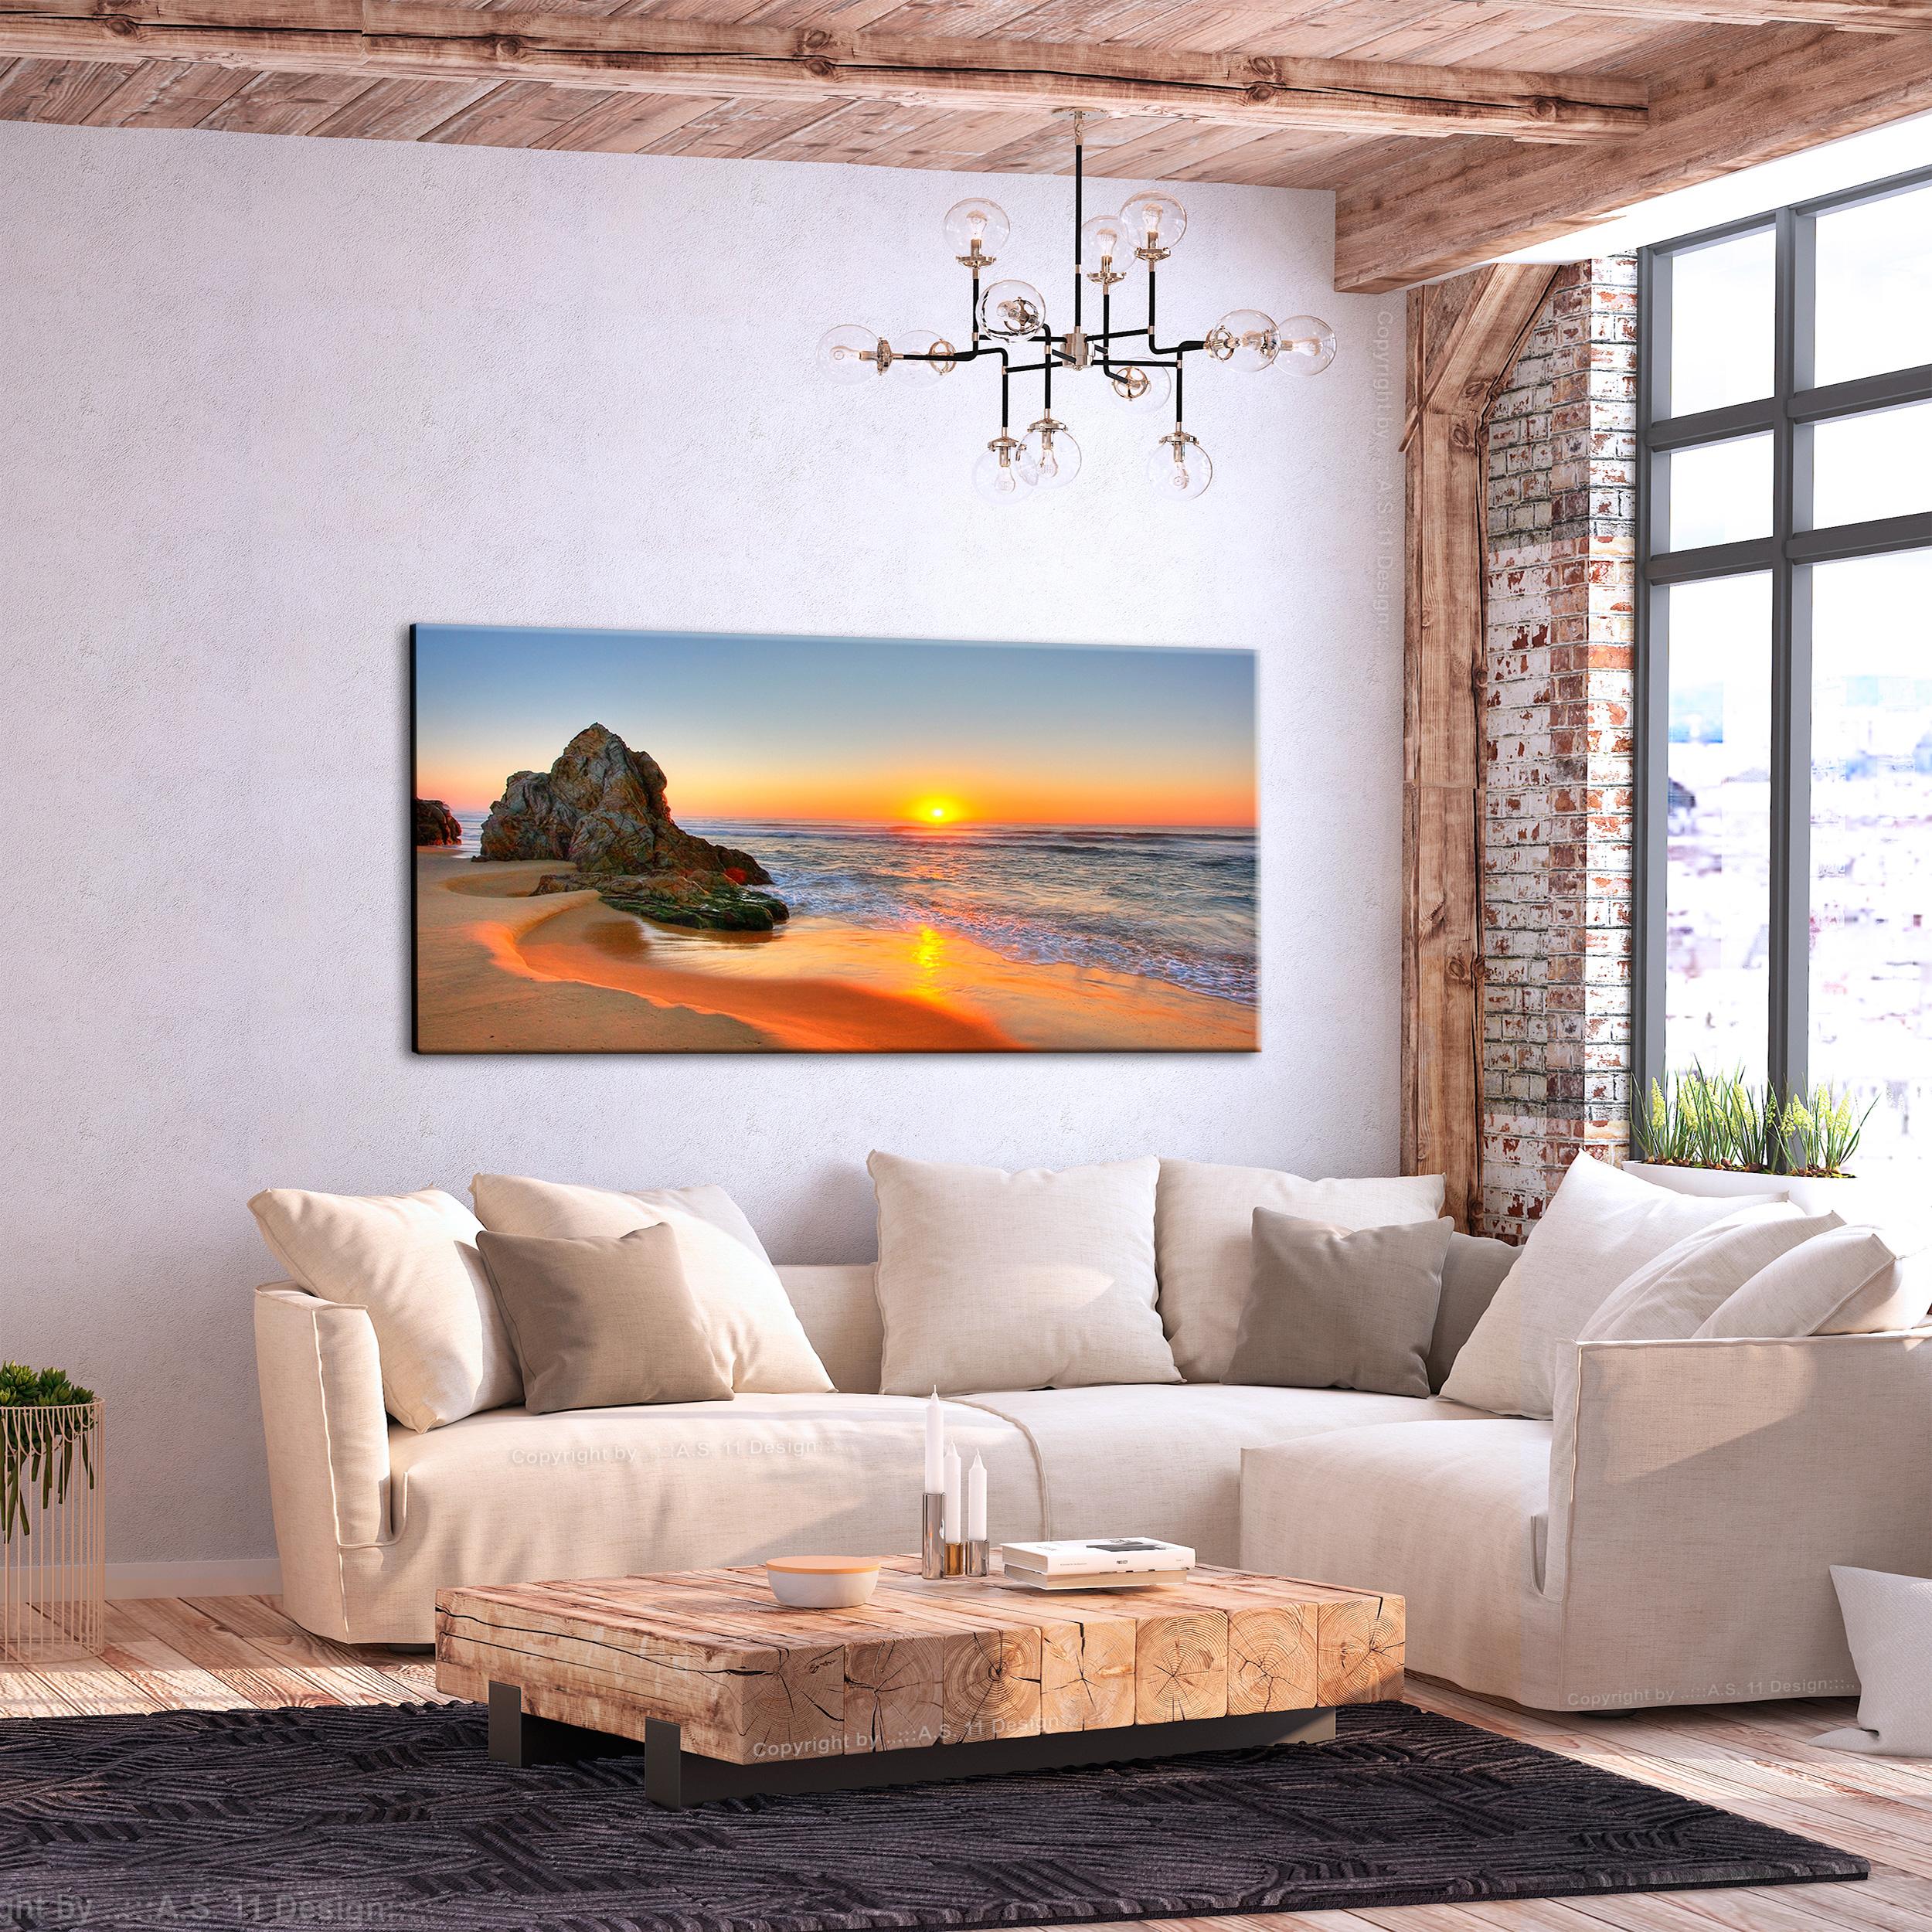 leinwand bilder strand meer sonne landschaft wandbilder xxl wohnzimmer ebay. Black Bedroom Furniture Sets. Home Design Ideas